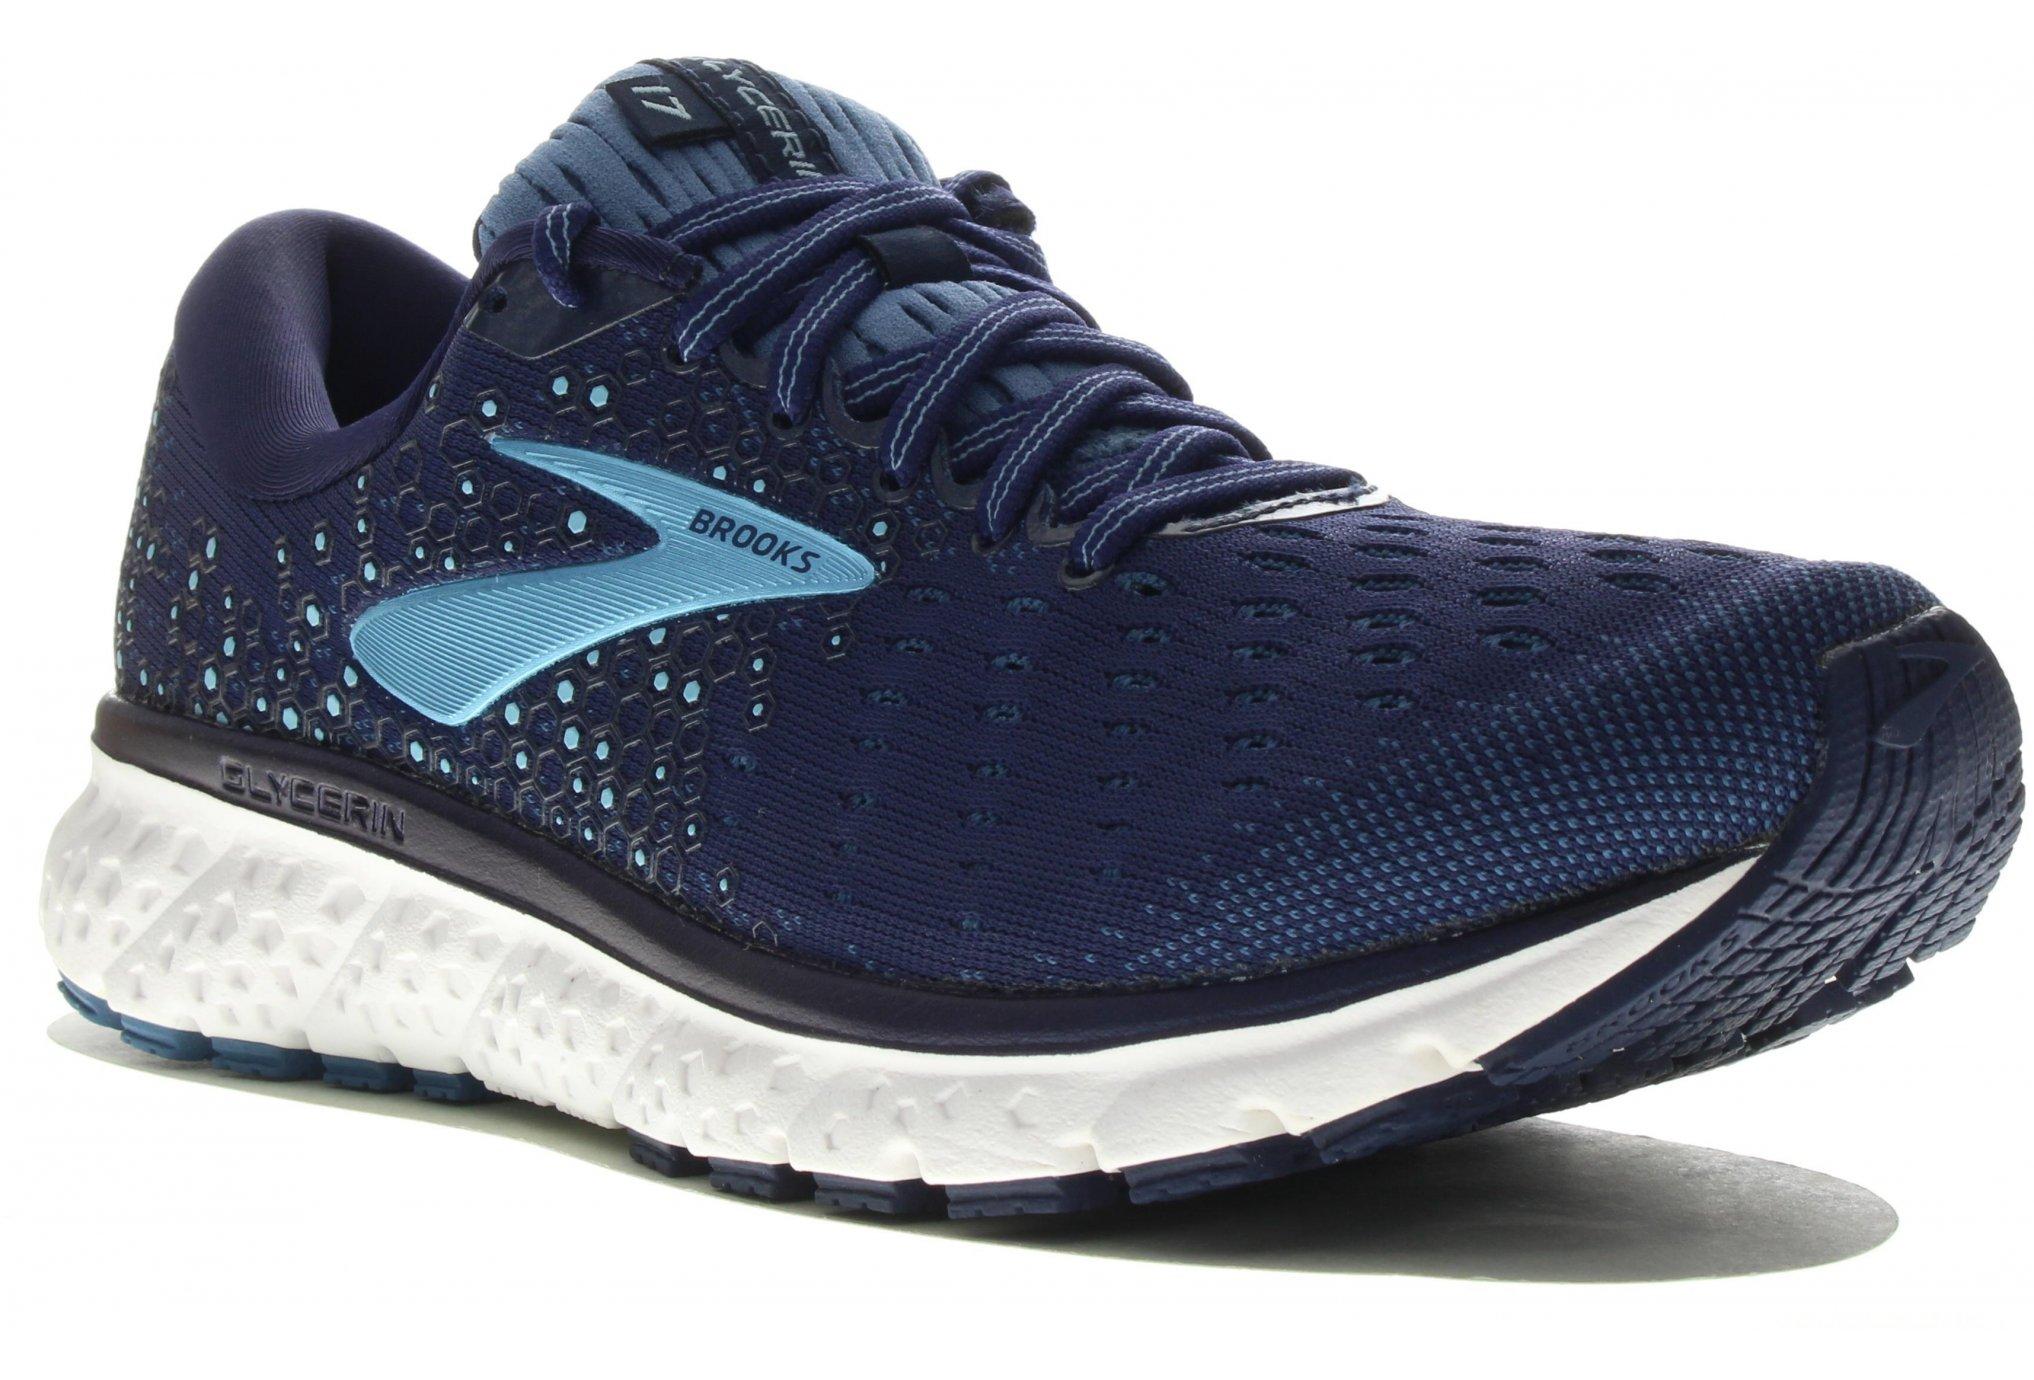 Brooks Glycerin 17 Chaussures running femme